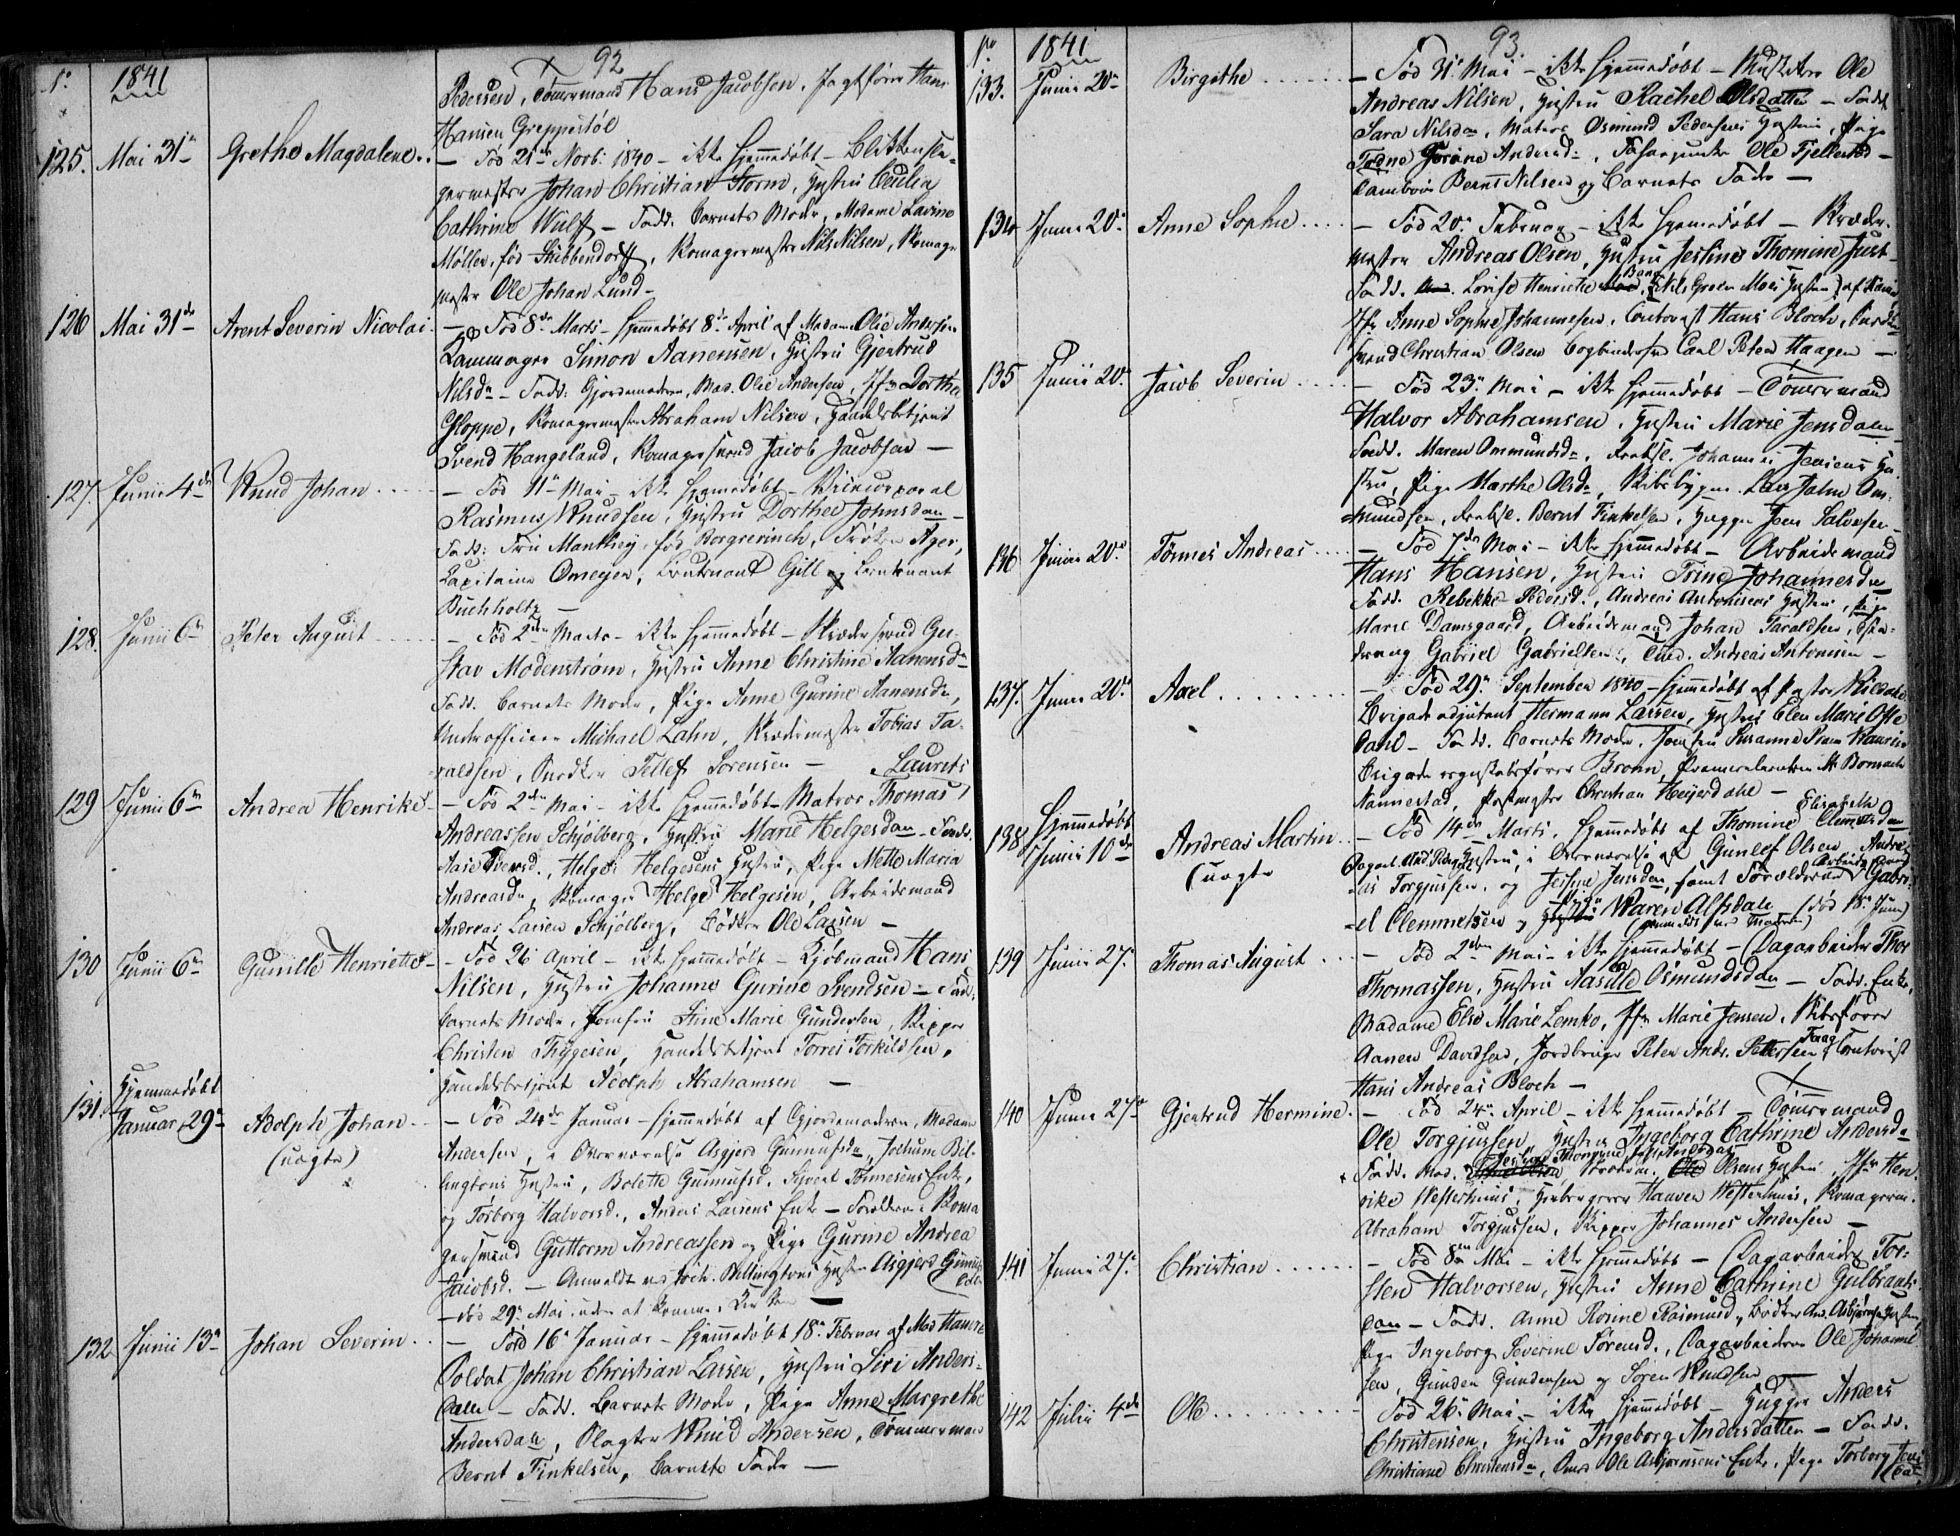 SAK, Kristiansand domprosti, F/Fb/L0009: Klokkerbok nr. B 9, 1838-1843, s. 92-93